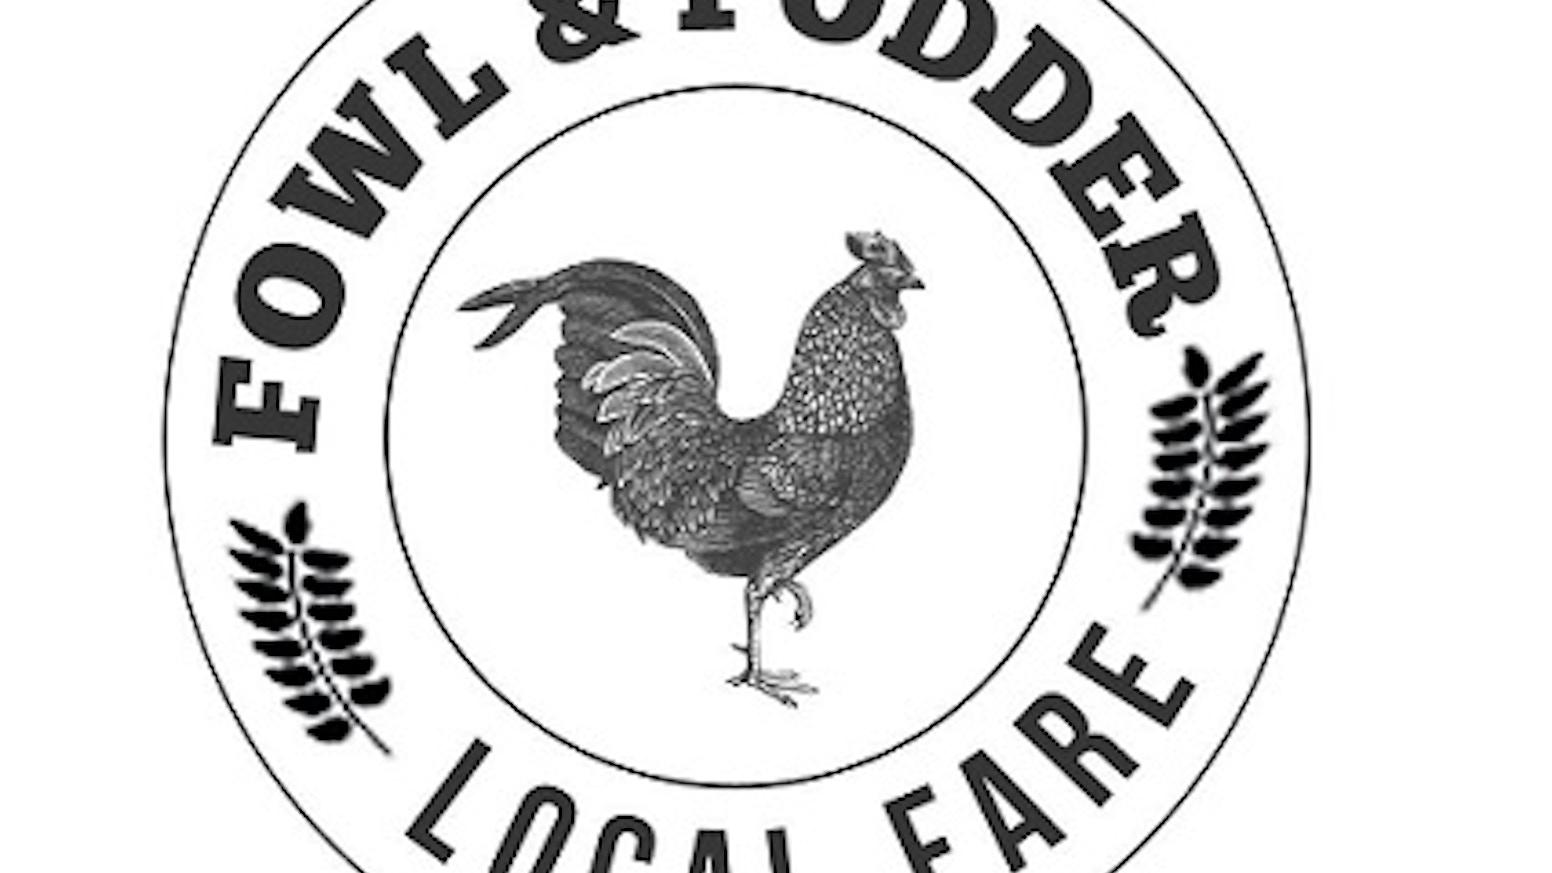 Fowl and Fodder: Local Fare by Scott Bowman —Kickstarter